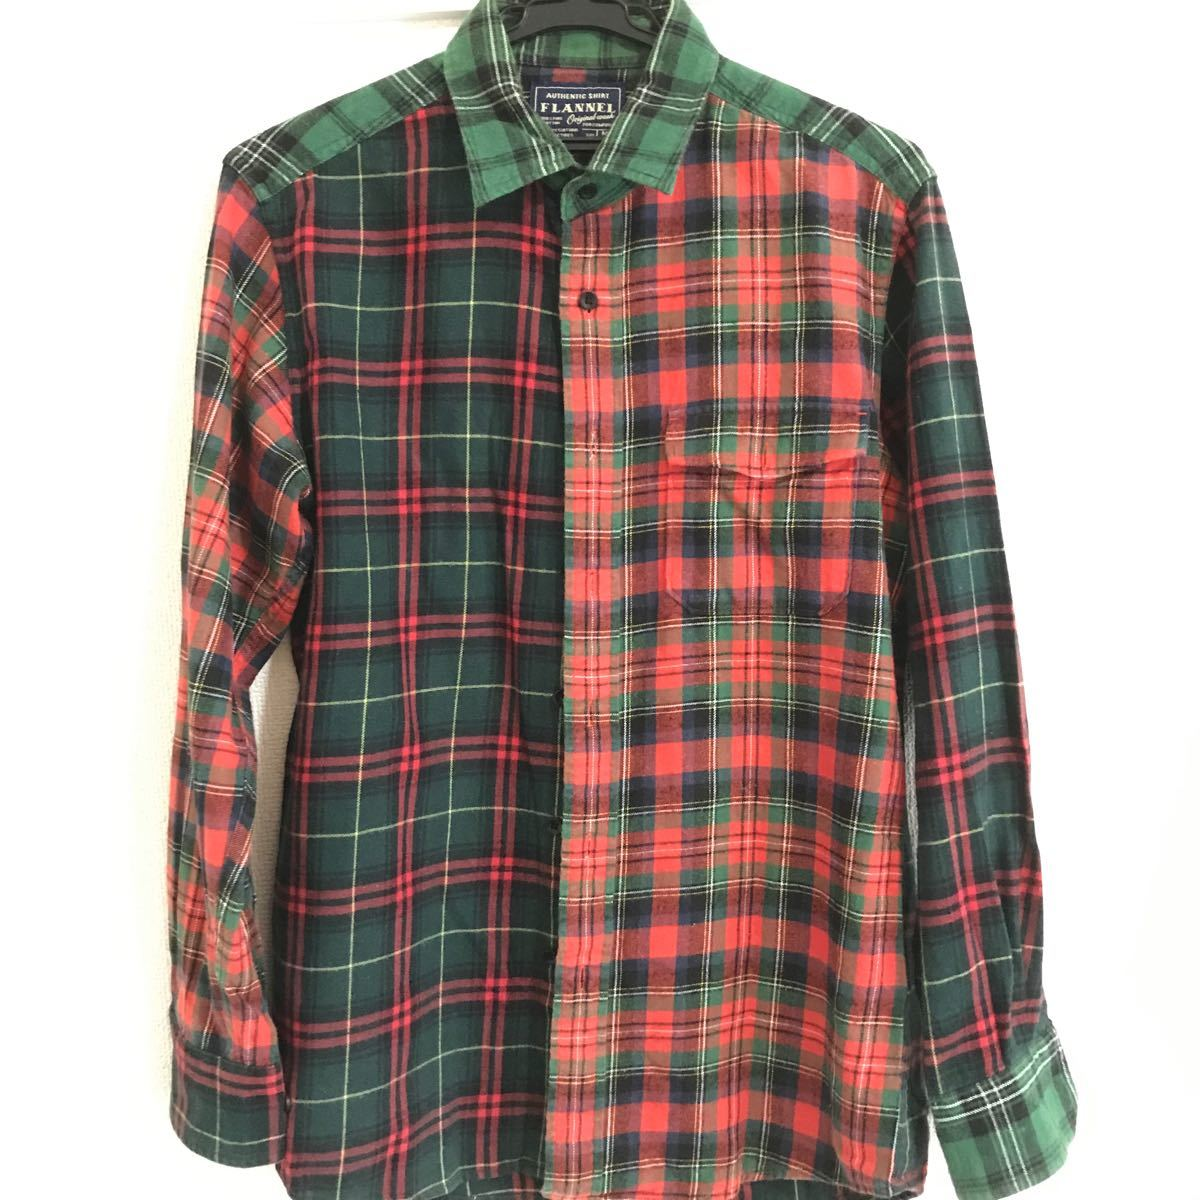 ネルシャツ 長袖シャツ チェックシャツ